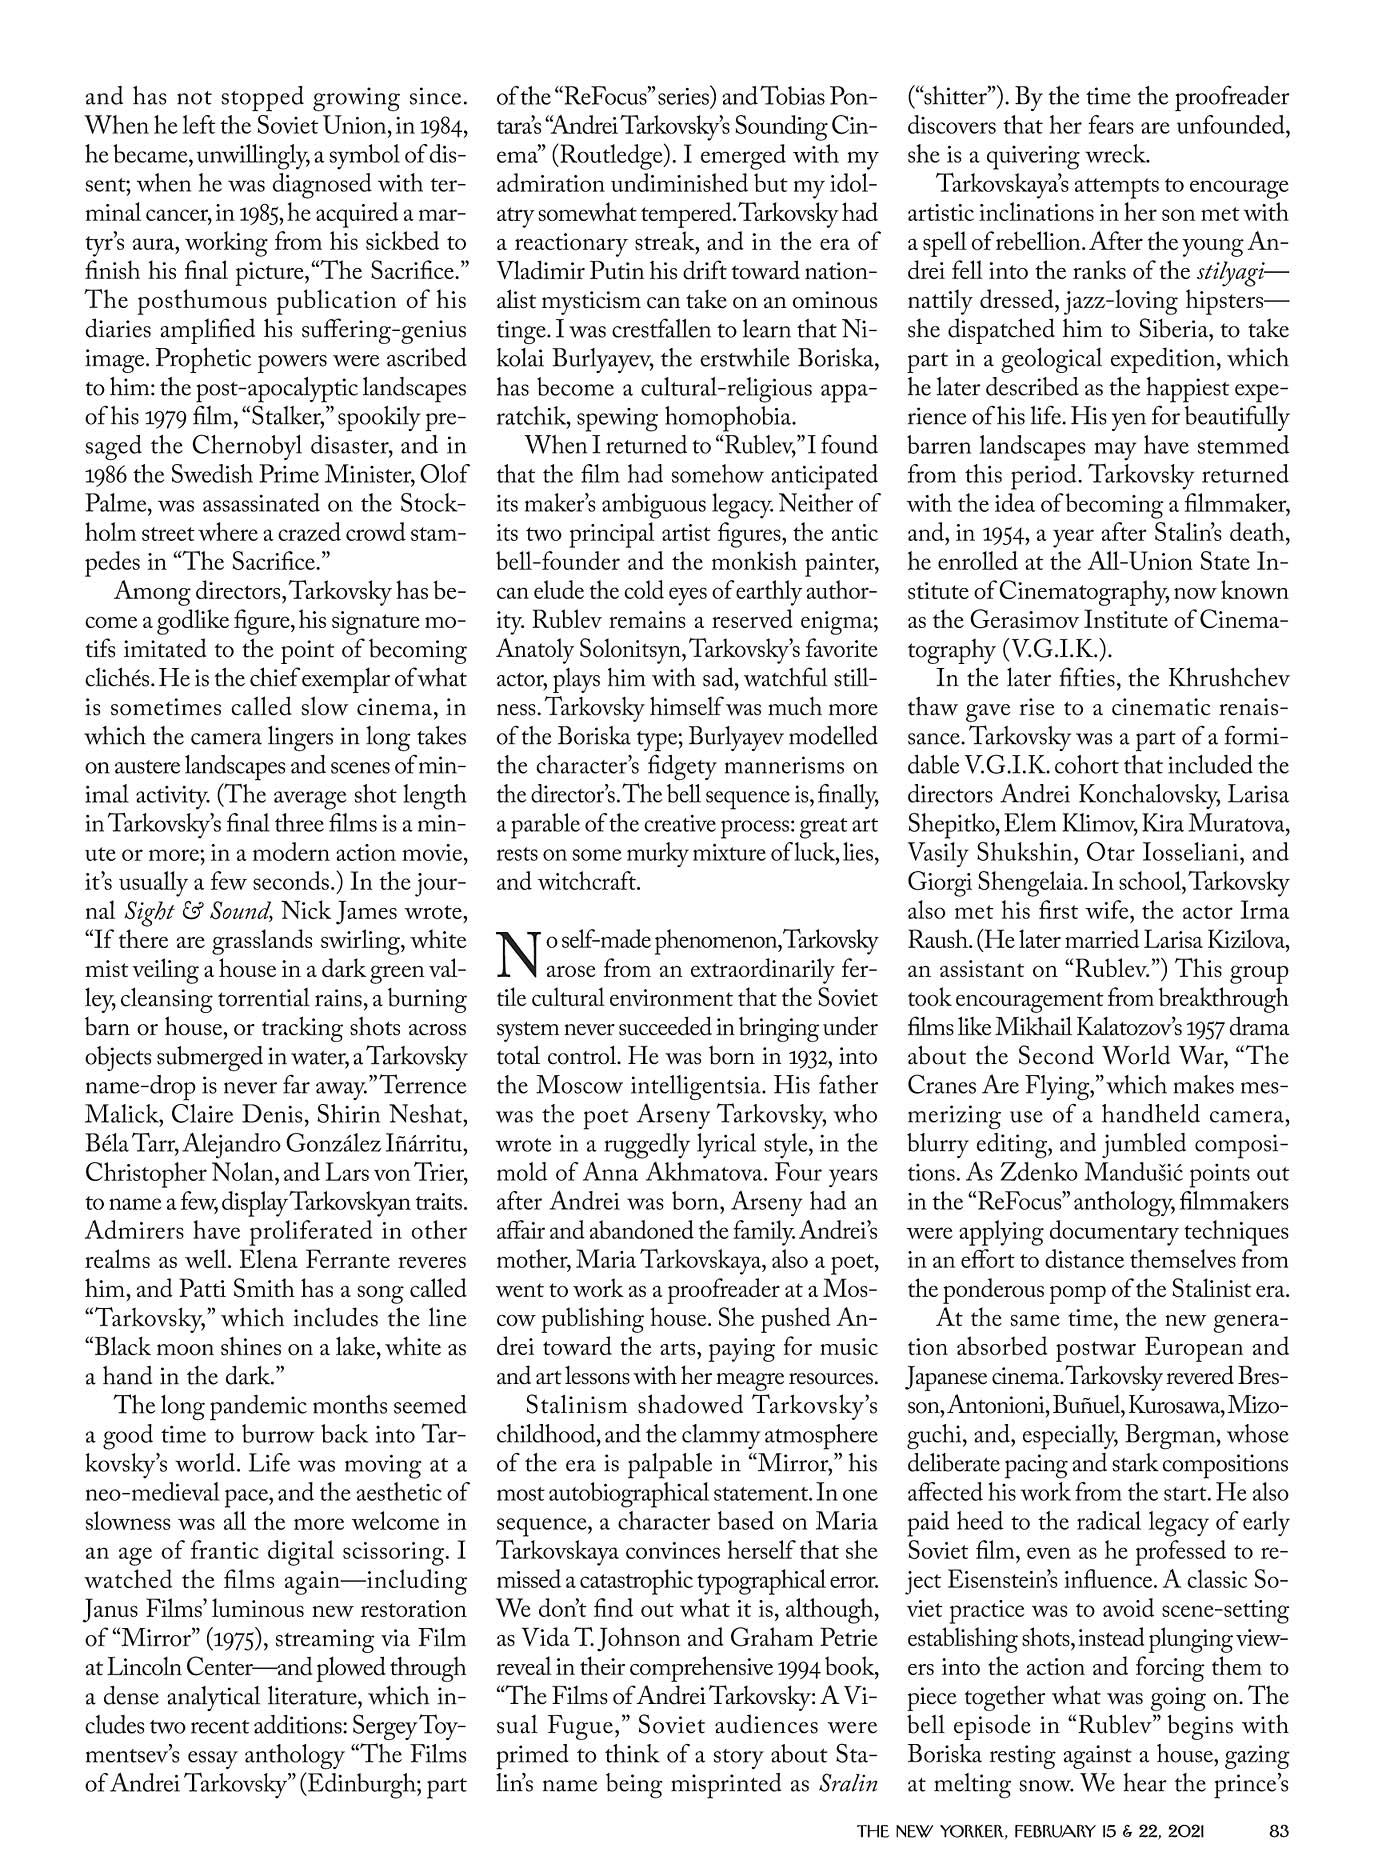 New Yorker 210215 Tarkovsky 02.jpg